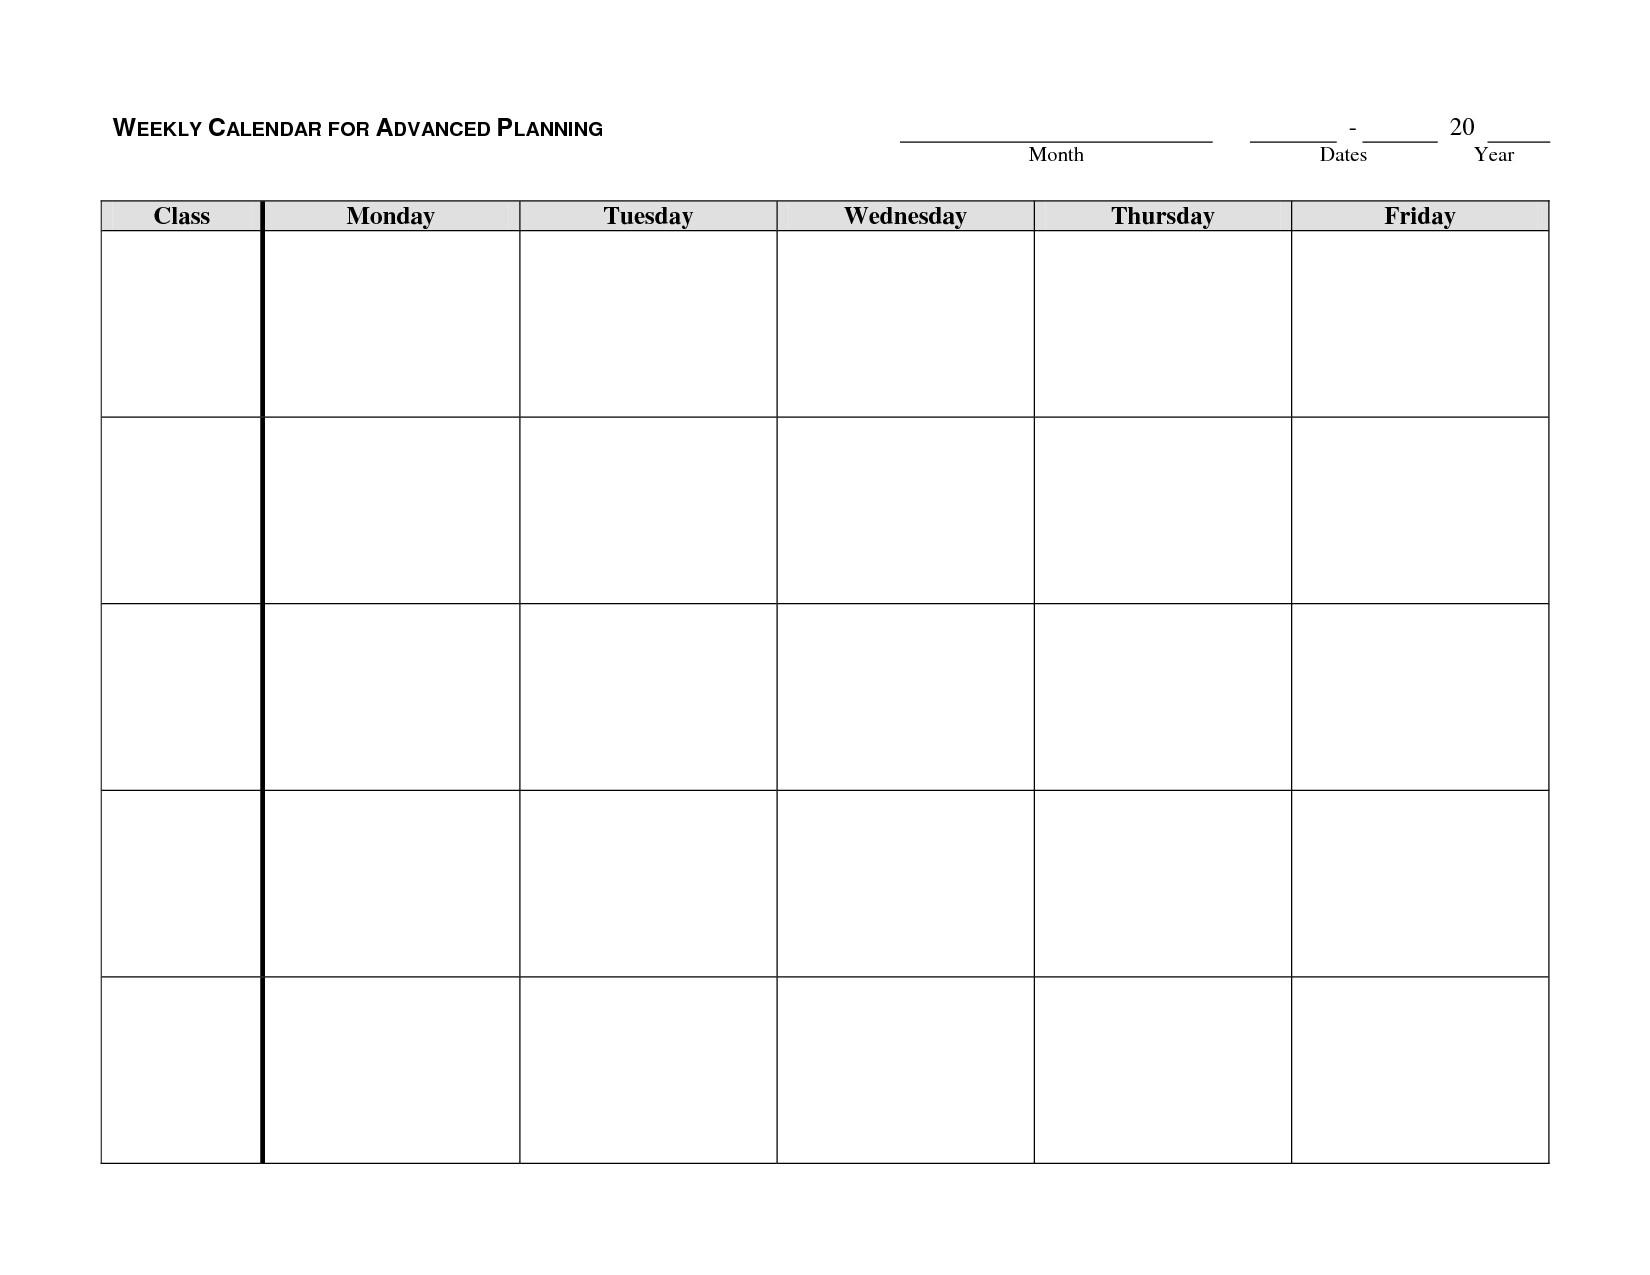 Monday To Friday Calendar Template | Calendar Template within Blank Monday Through Friday Calendar